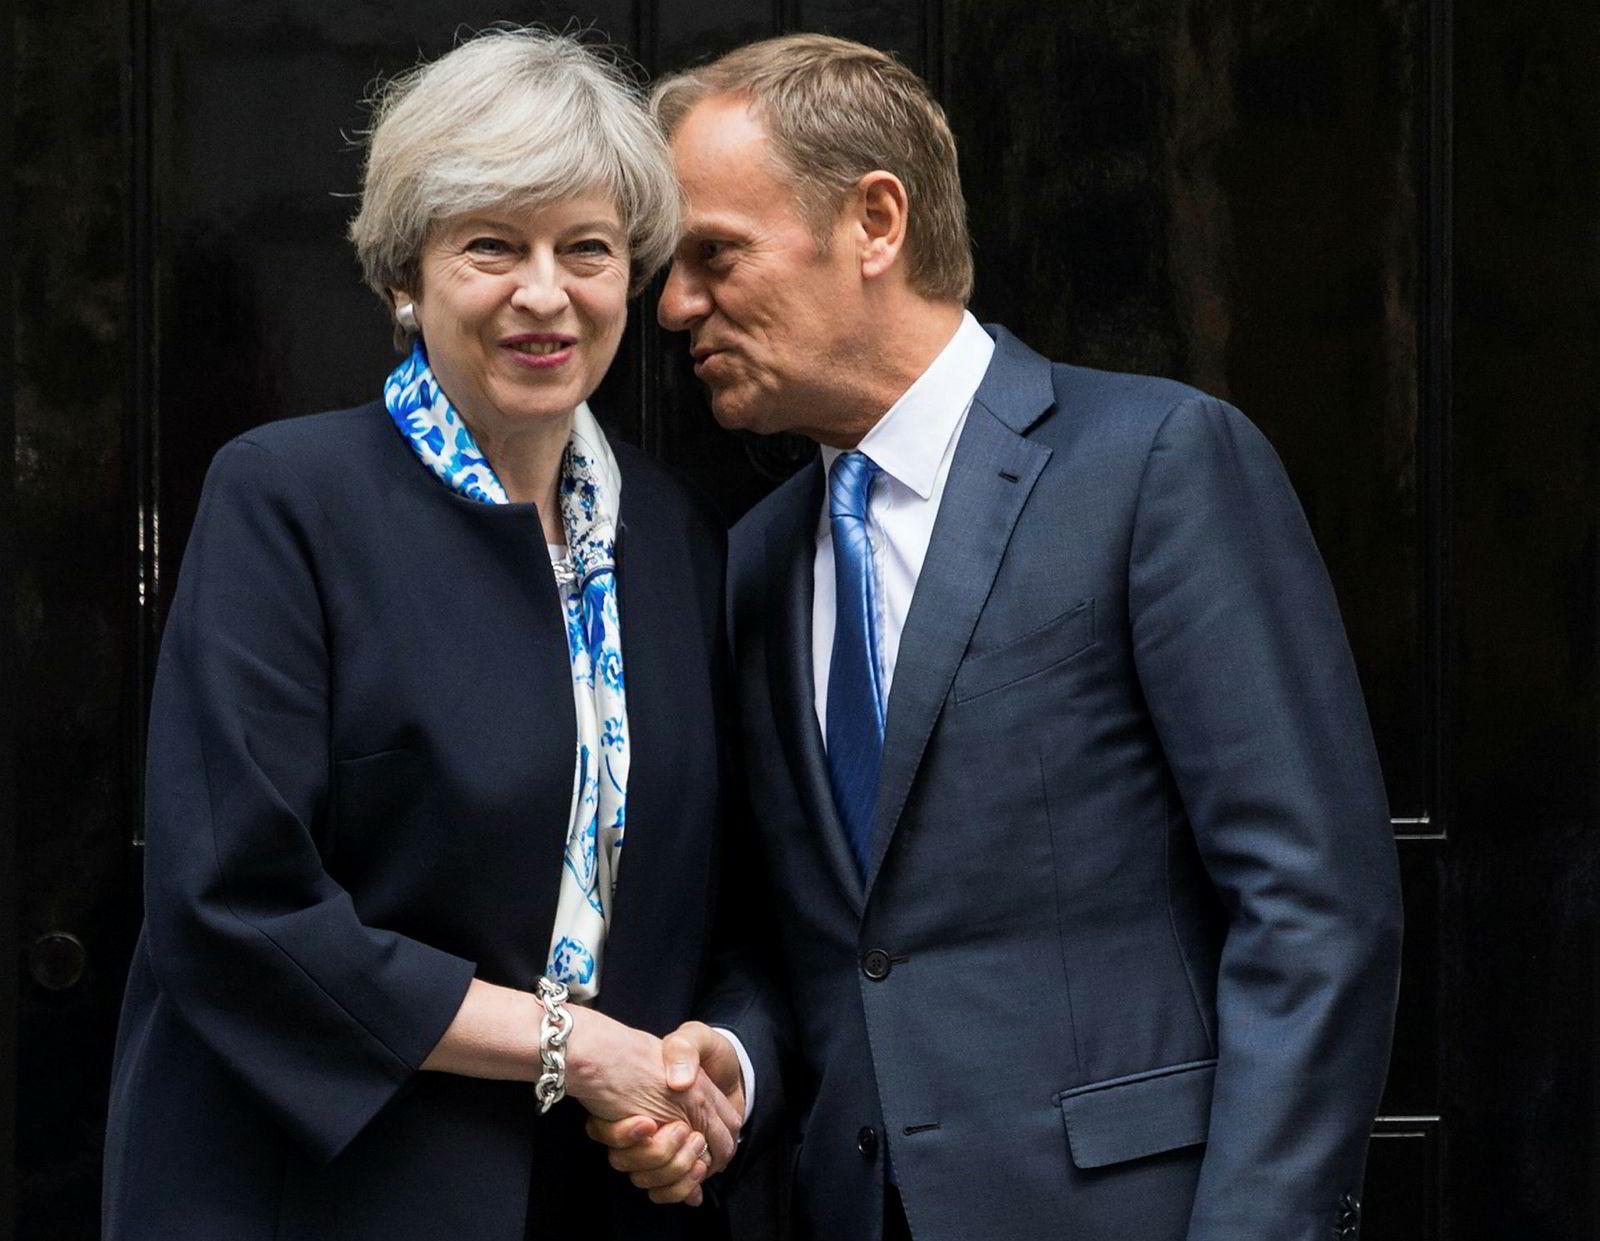 6. april 2017: Storbritannias statsminister Theresa May tok imot EUs president Donald Tusk i april i år for å diskutere brexit. Skjebnen til Storbritannia utenfor EU er som kjent fortsatt svært uklar på ettårsdagen for brexit. Tusk uttalte torsdag at han fortsatt drømmer om at brexit ikke skal skje.